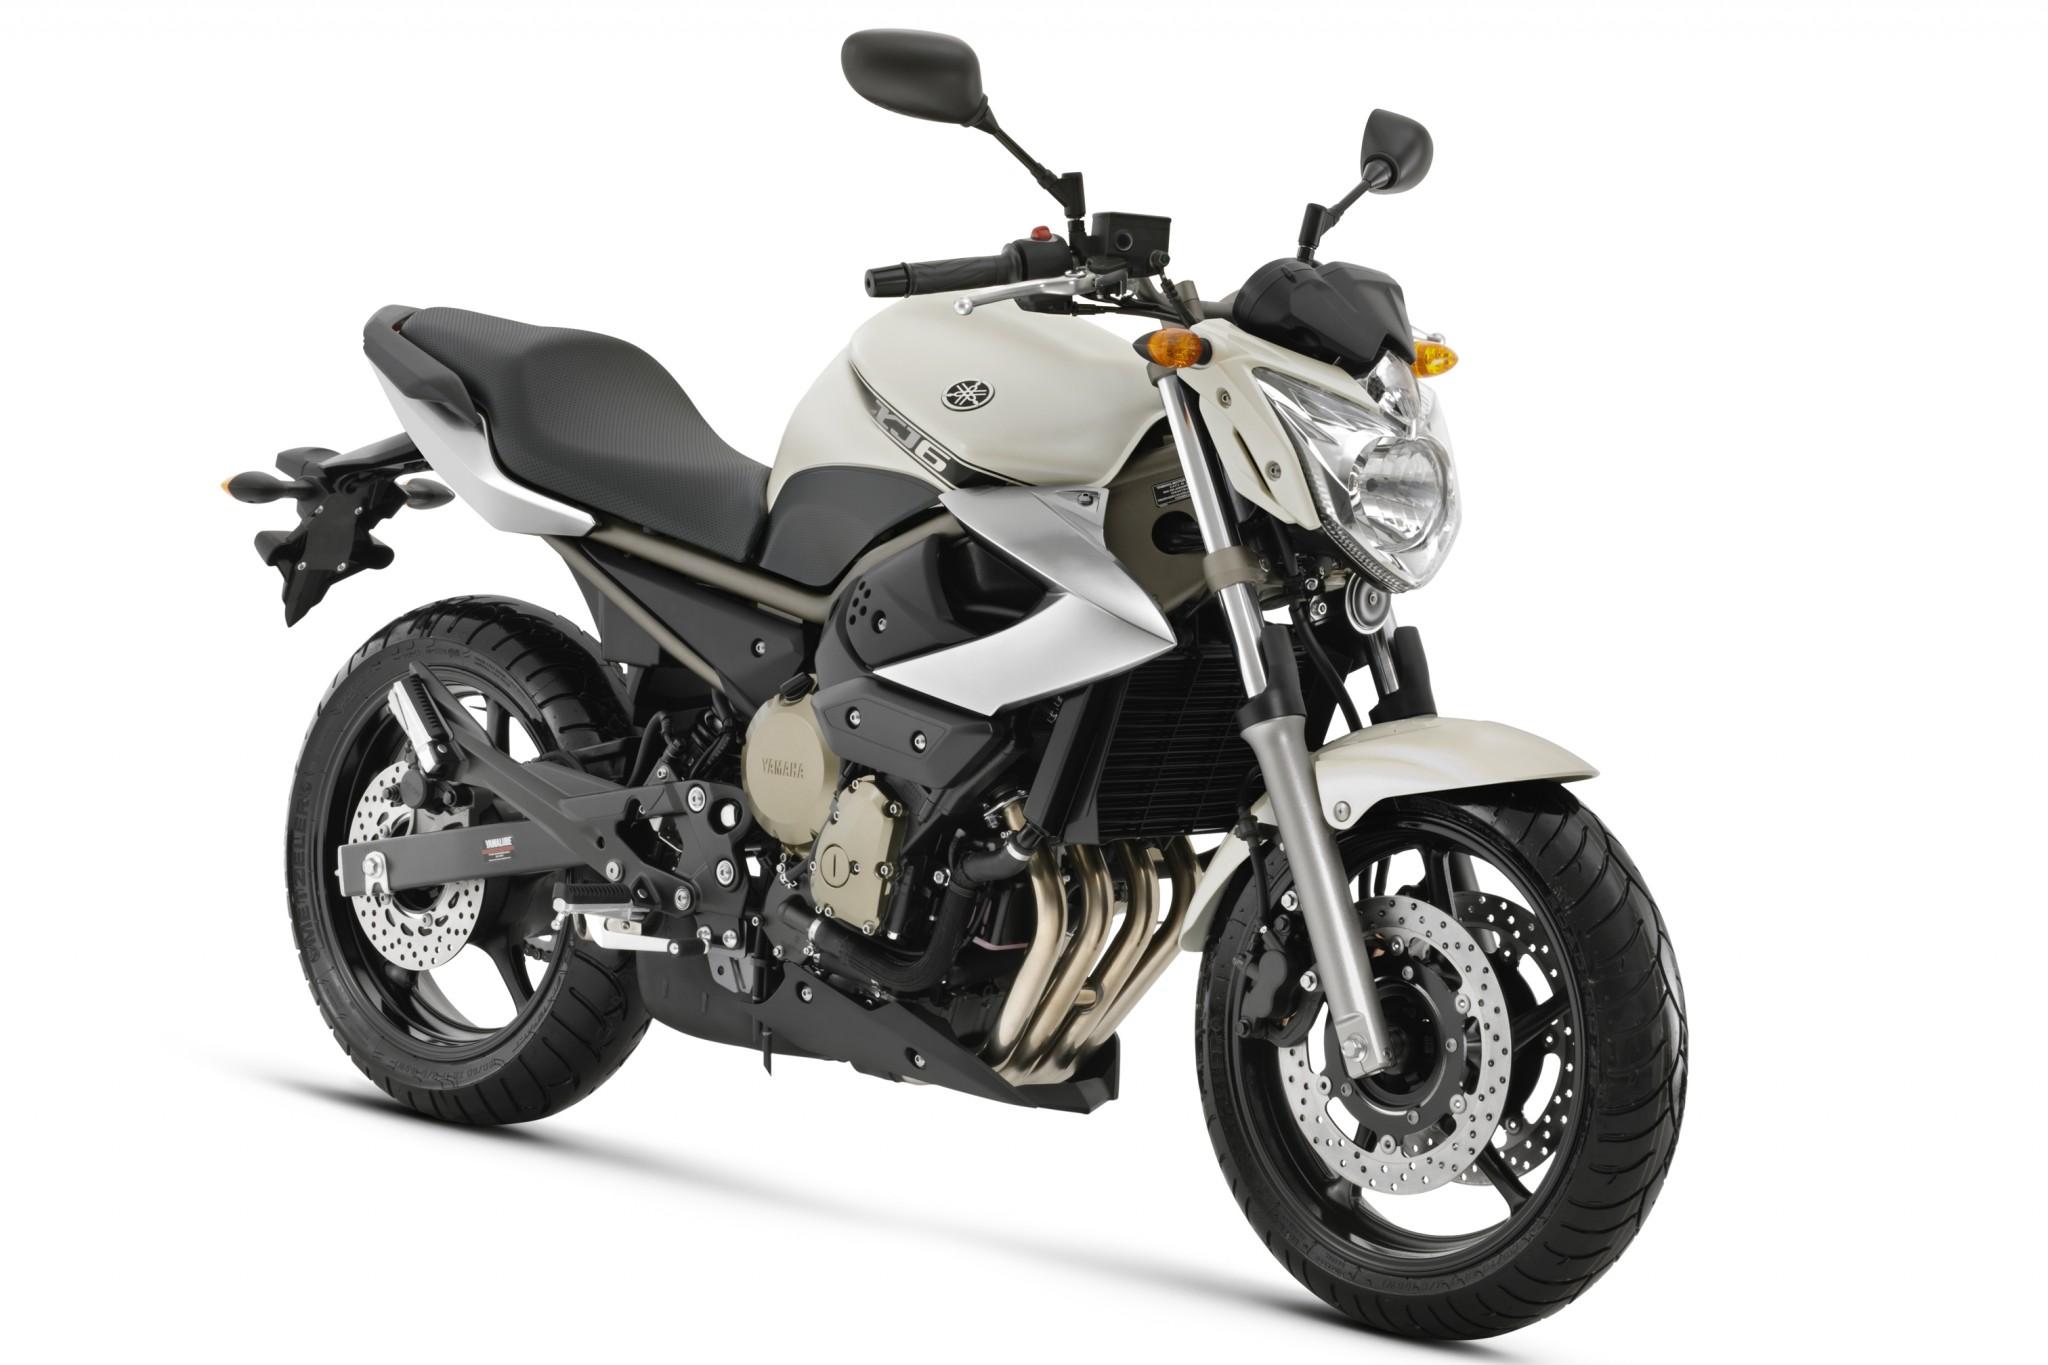 Yamaha Lança A Xj6 Diversion No Brasil Motos Blog